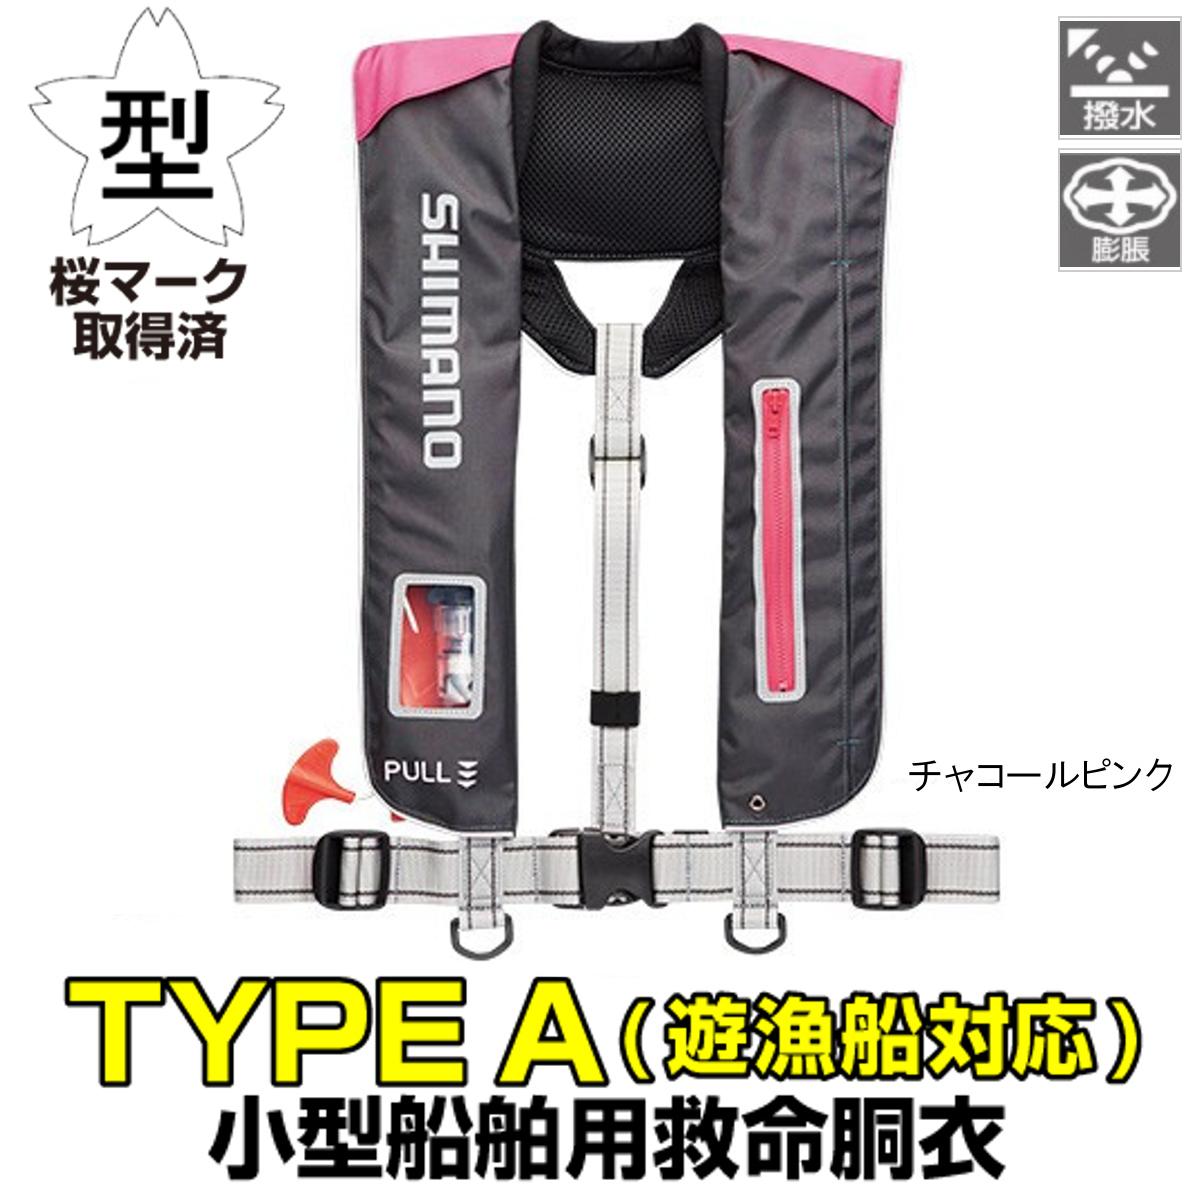 シマノ ラフトエアジャケット(膨脹式救命具) VF-051K フリー チャコールピンク ※遊漁船対応【送料無料】